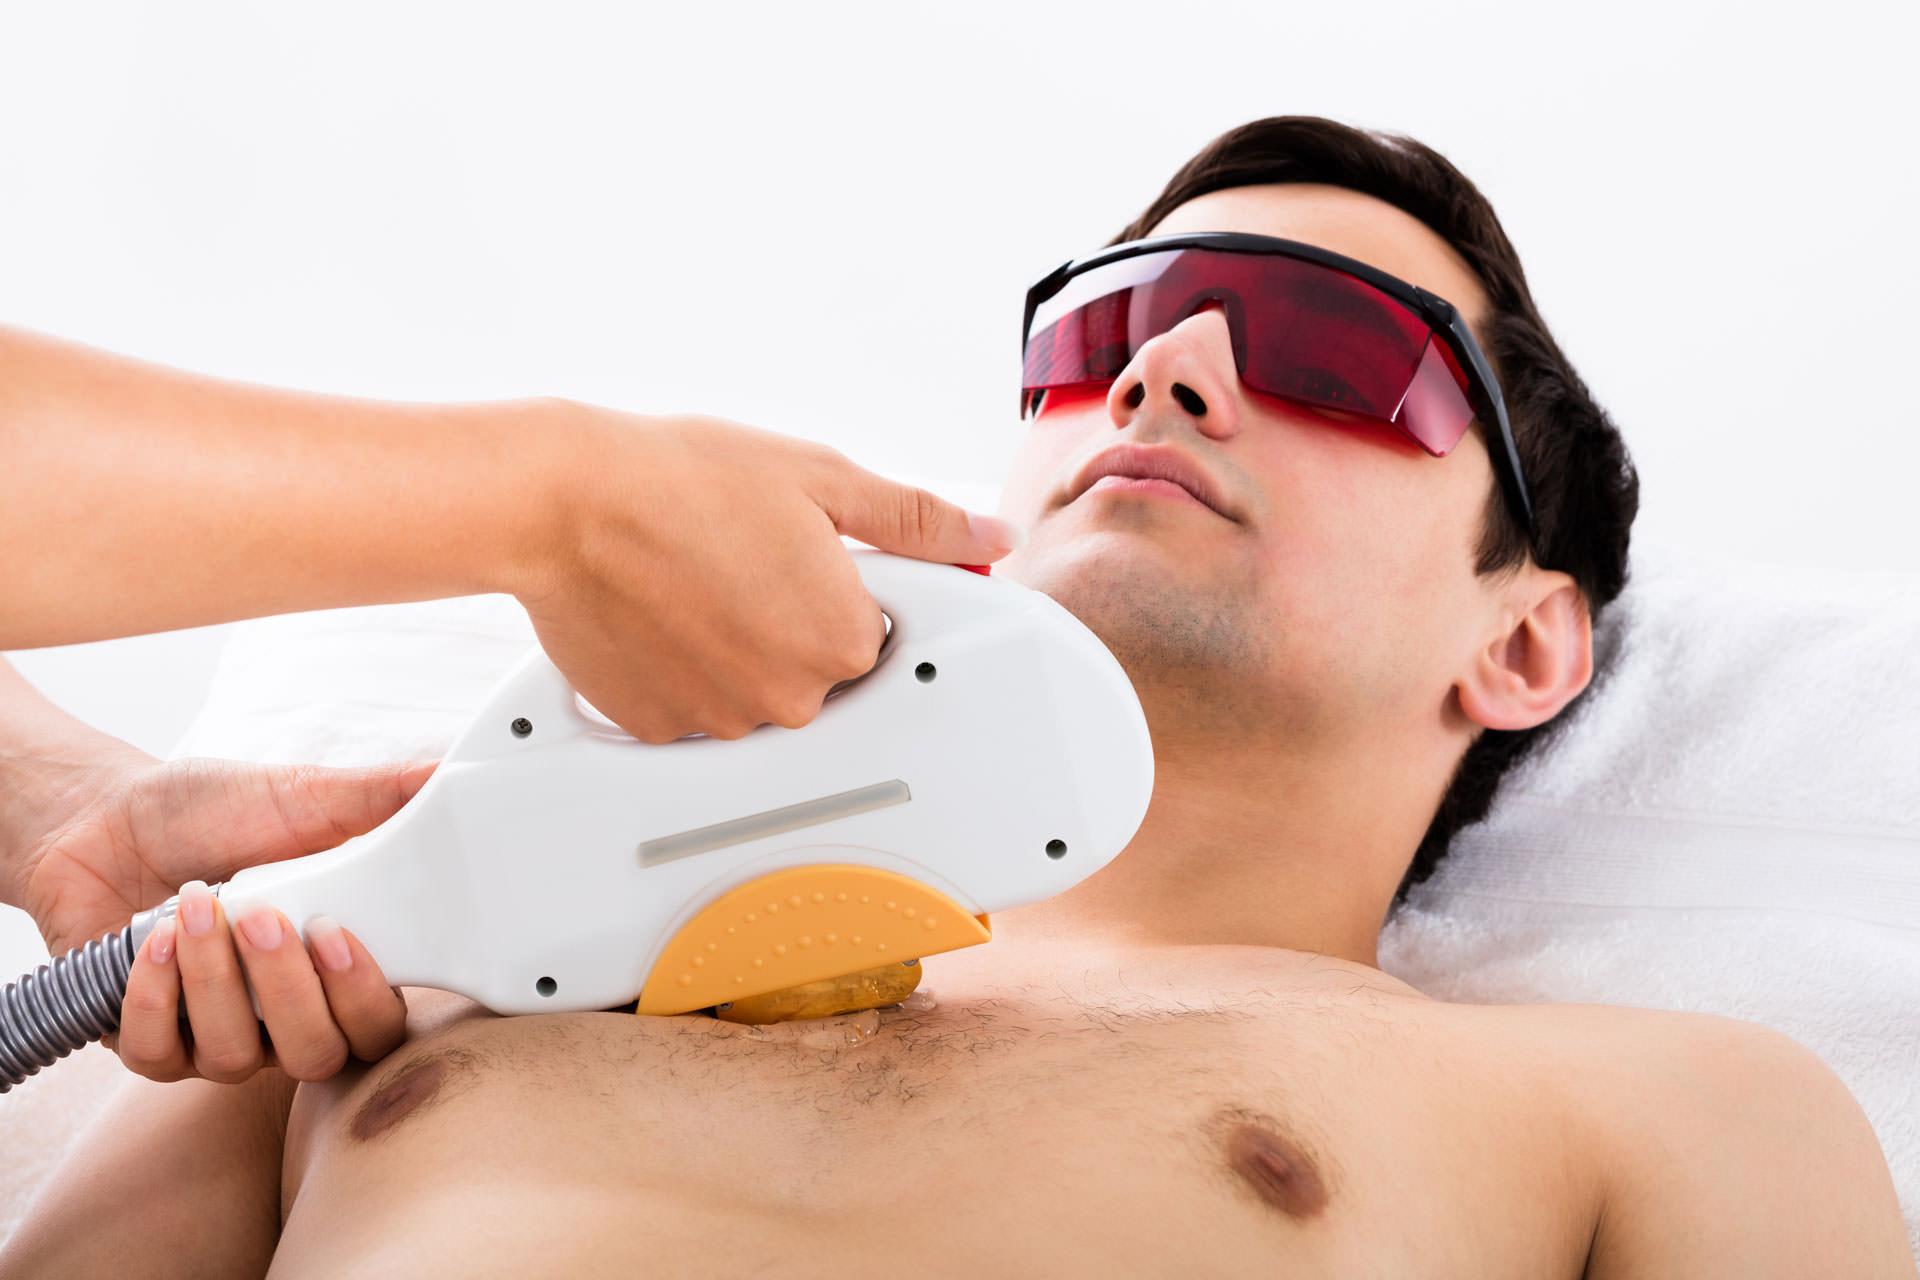 dauerhafte haarentfernung bei wemavit in anzing wellness macht vital